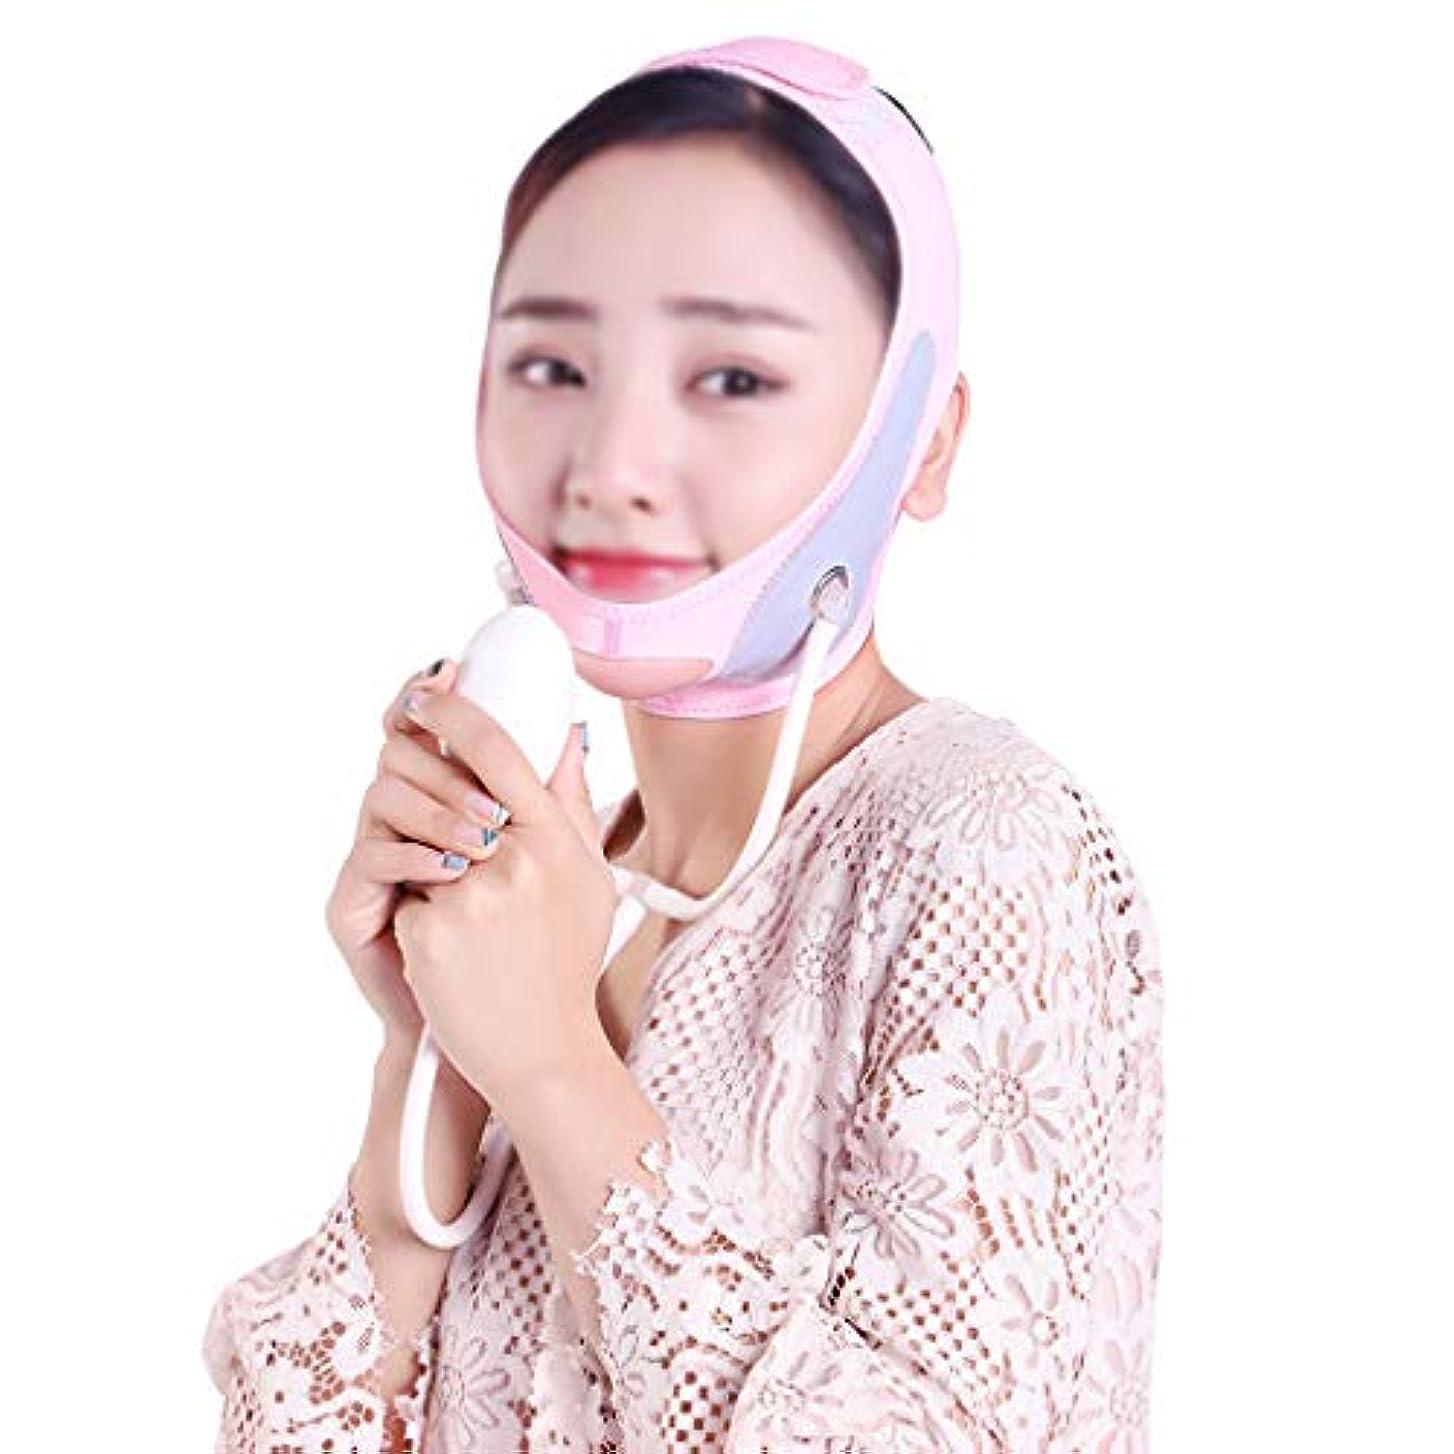 歯車人口消えるGLJJQMY 膨脹可能なマスクは小さいVの表面を作成するために皮の形づけおよび引き締めパターン/二重あごの包帯の人工物を高めます 顔用整形マスク